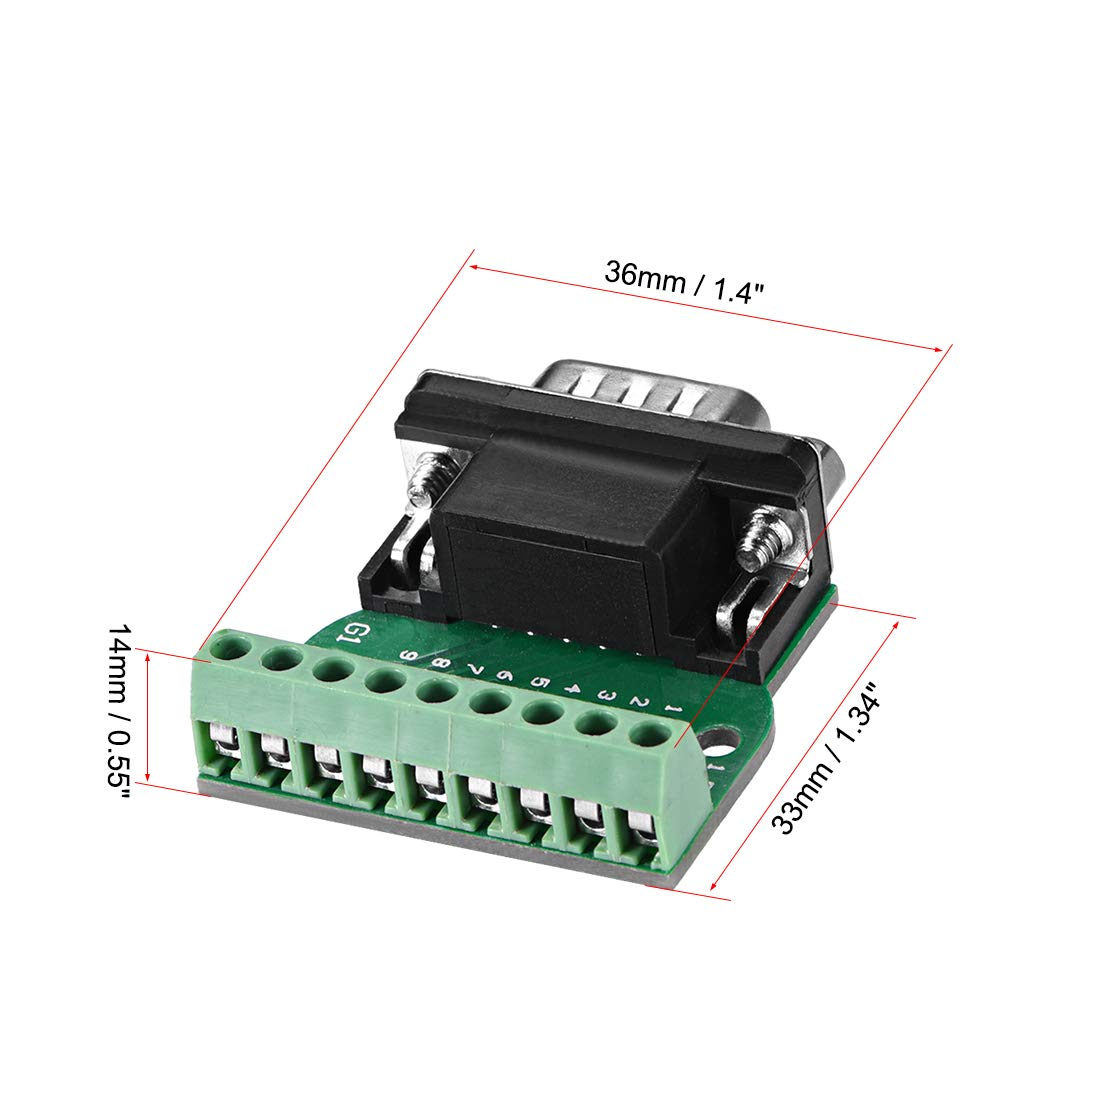 Sourcingmap D-sub DB9 Breakout Board Connettore 9 Pin 2 Row Femmina RS232 Porta seriale Solderless Terminal Block Adattatore con dadi di posizionamento